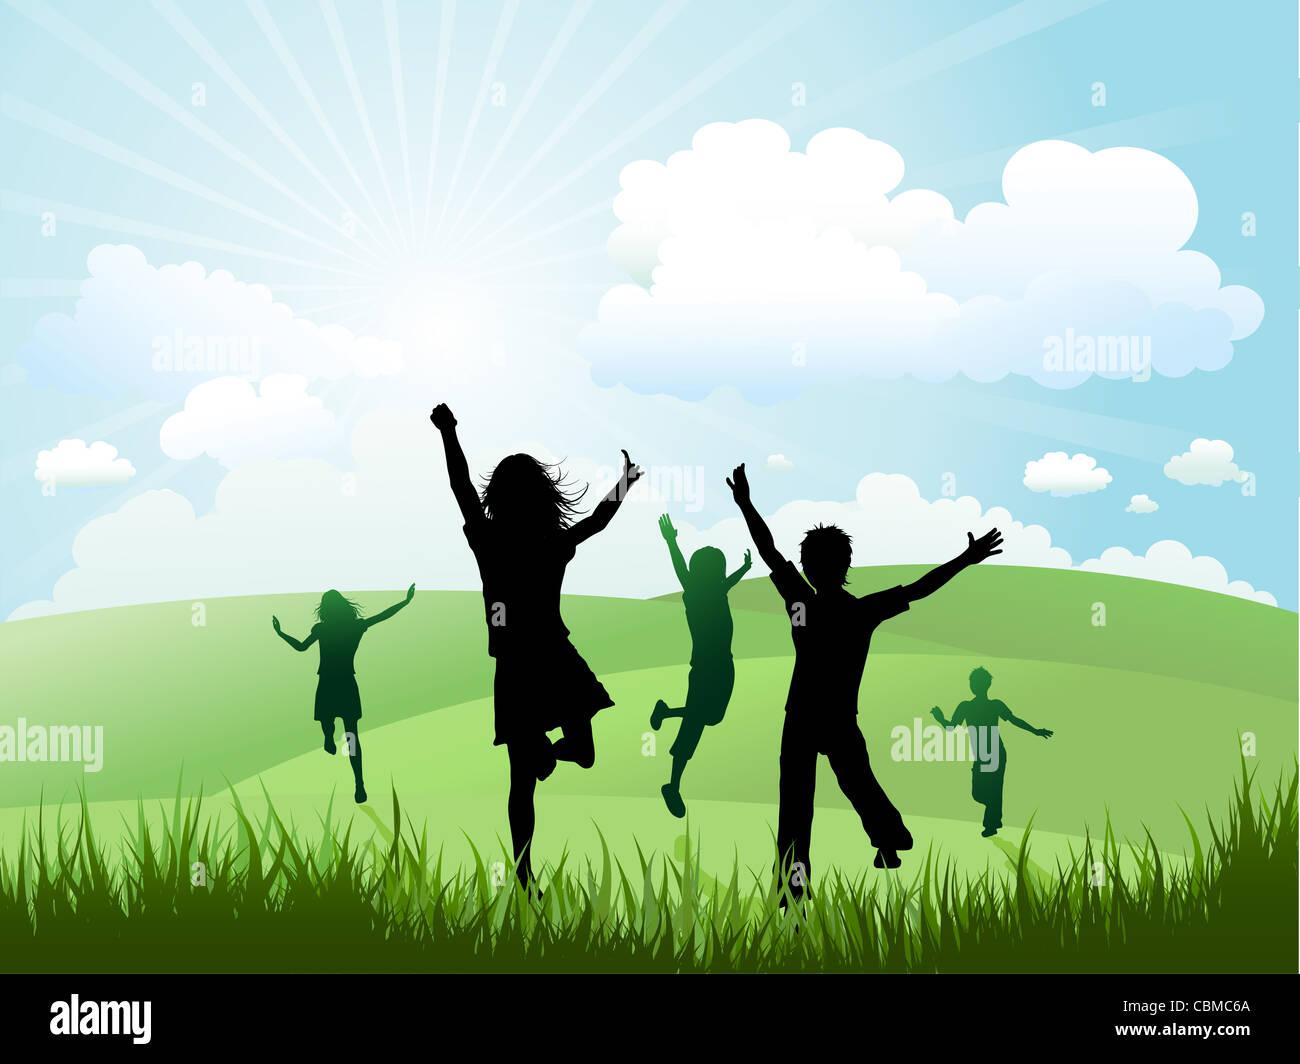 Sagome di bambini correre e giocare su una collina Immagini Stock